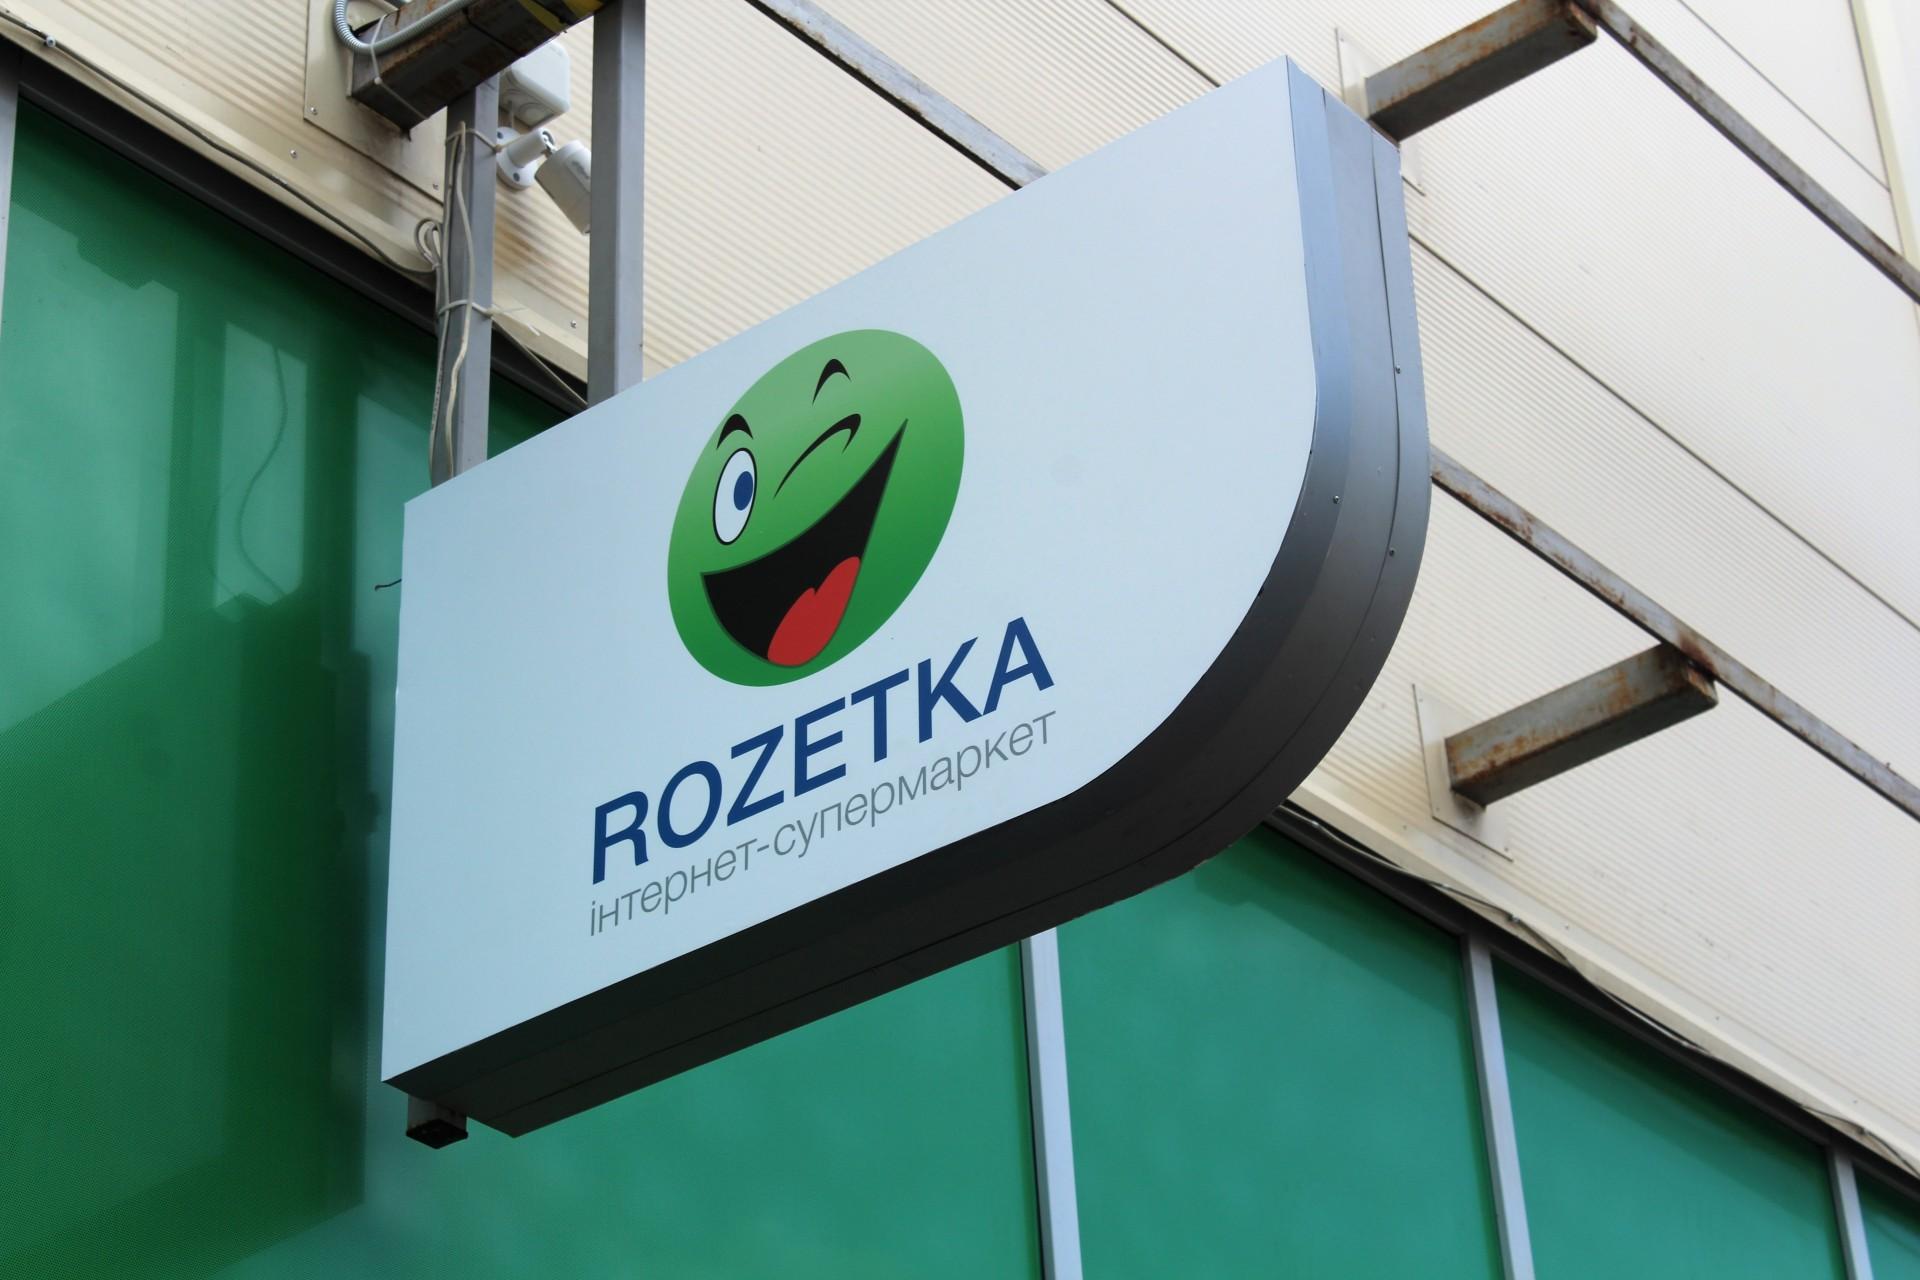 26788cc8d8c77 Rozetka открывает точки выдачи в экспериментальном формате и будет  развивать офлайн-розницу (+фото) | Ассоциация Ритейлеров Украины